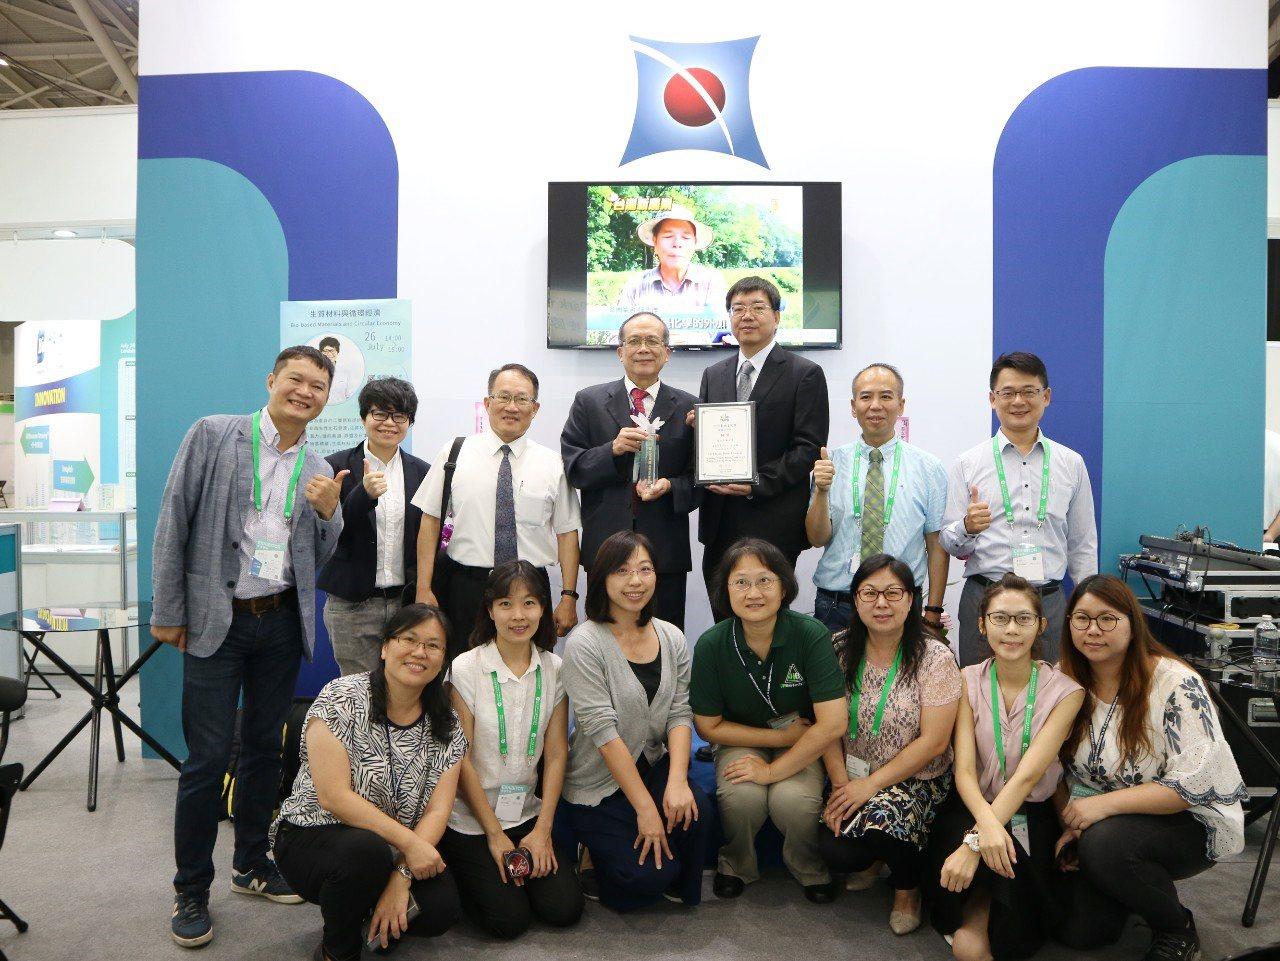 被譽為「生技界奧斯卡」的「台北生技獎」今天頒獎,中興大學植物病理學系特聘教授兼副...